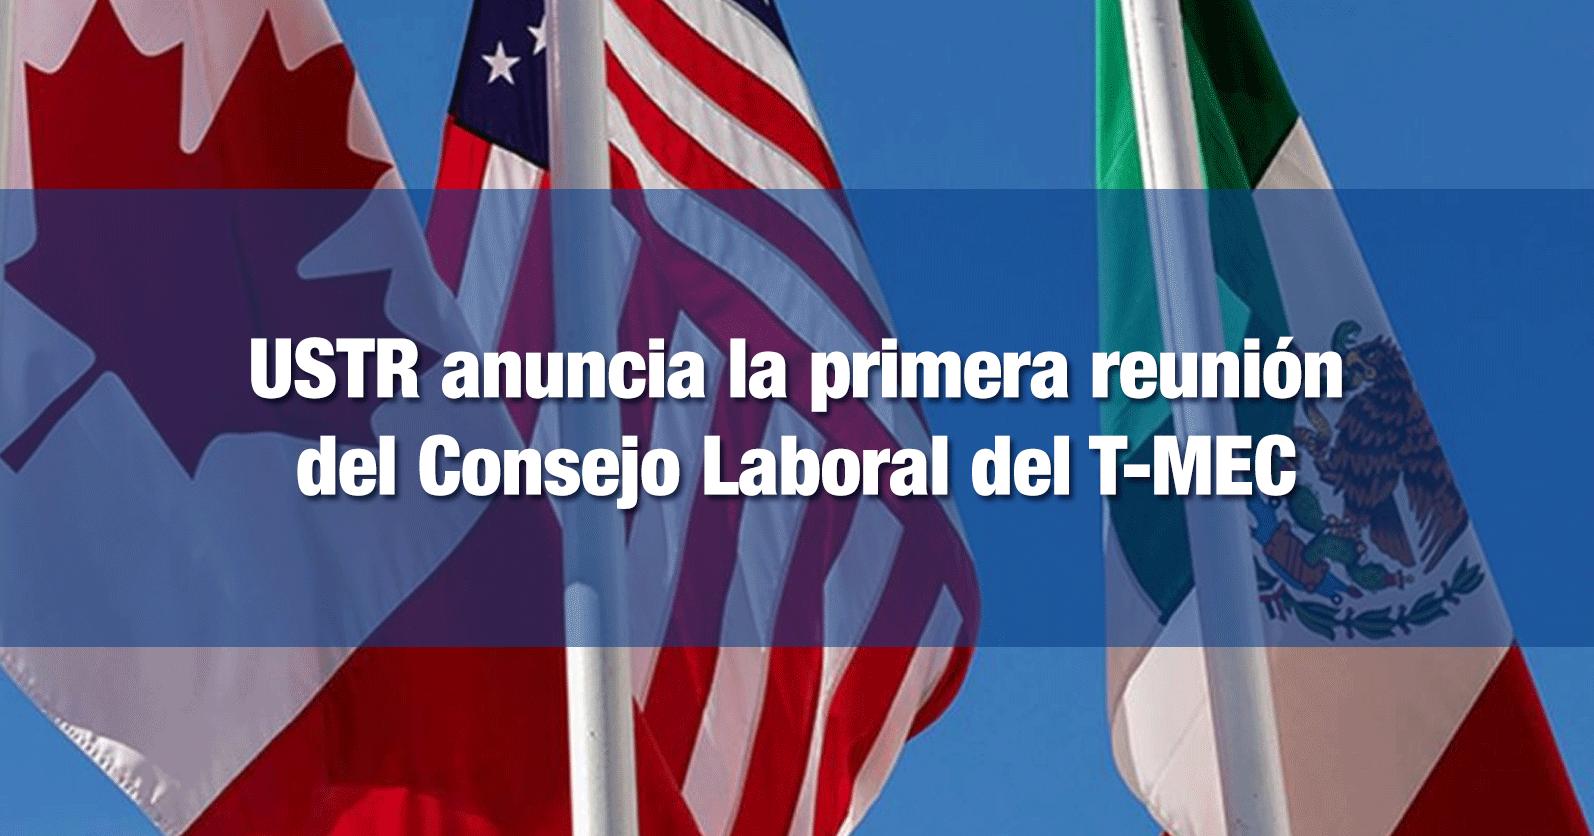 USTR anuncia la primera reunión del Consejo Laboral del T-MEC